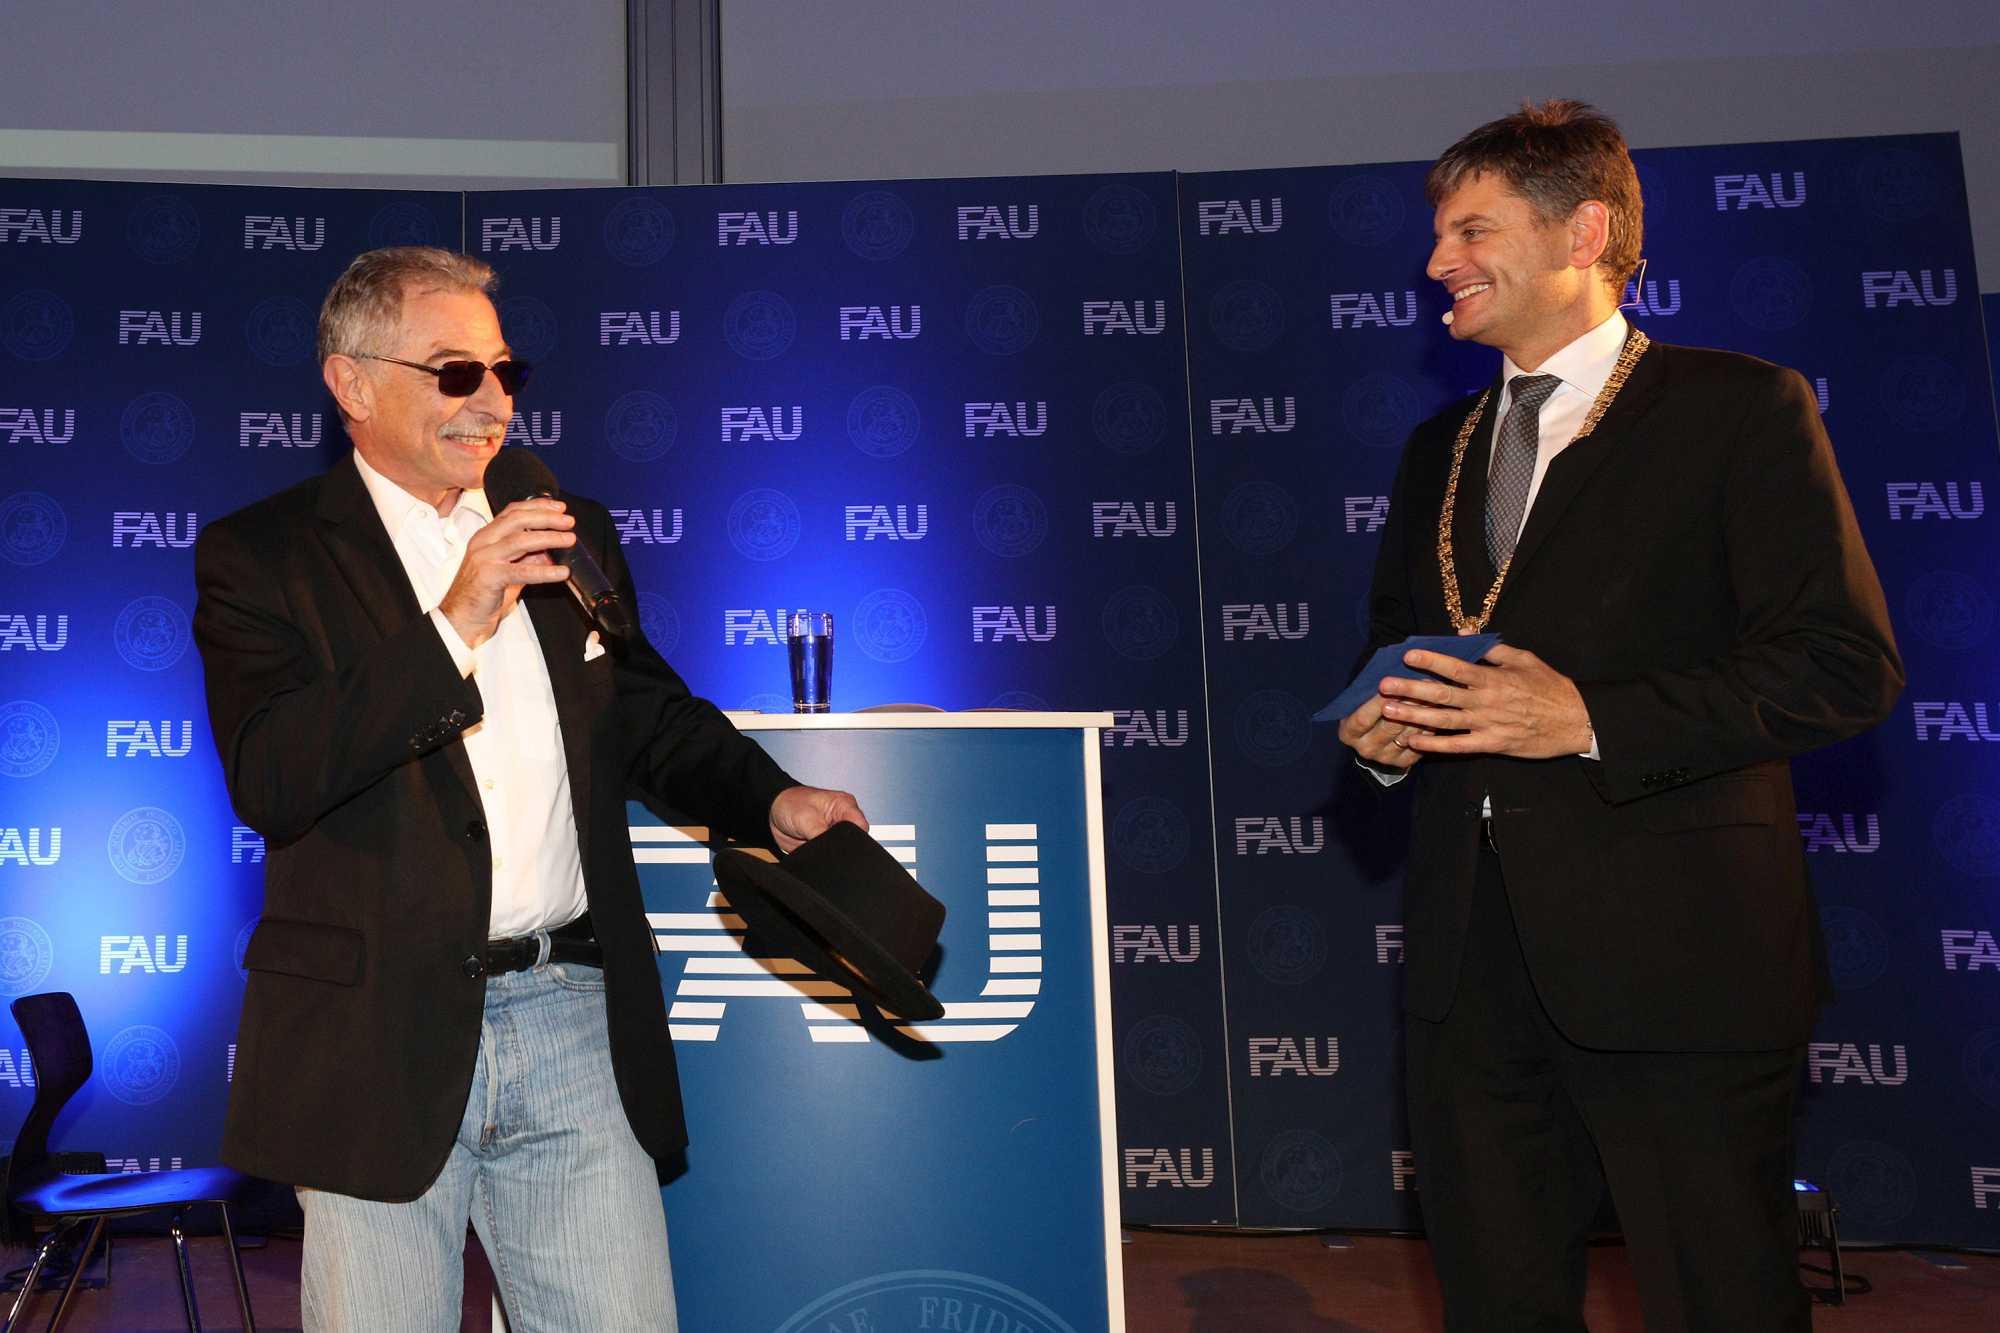 Prof. Dieter Kempf und Prof. Dr. Joachim Hornegger im Gespräch.